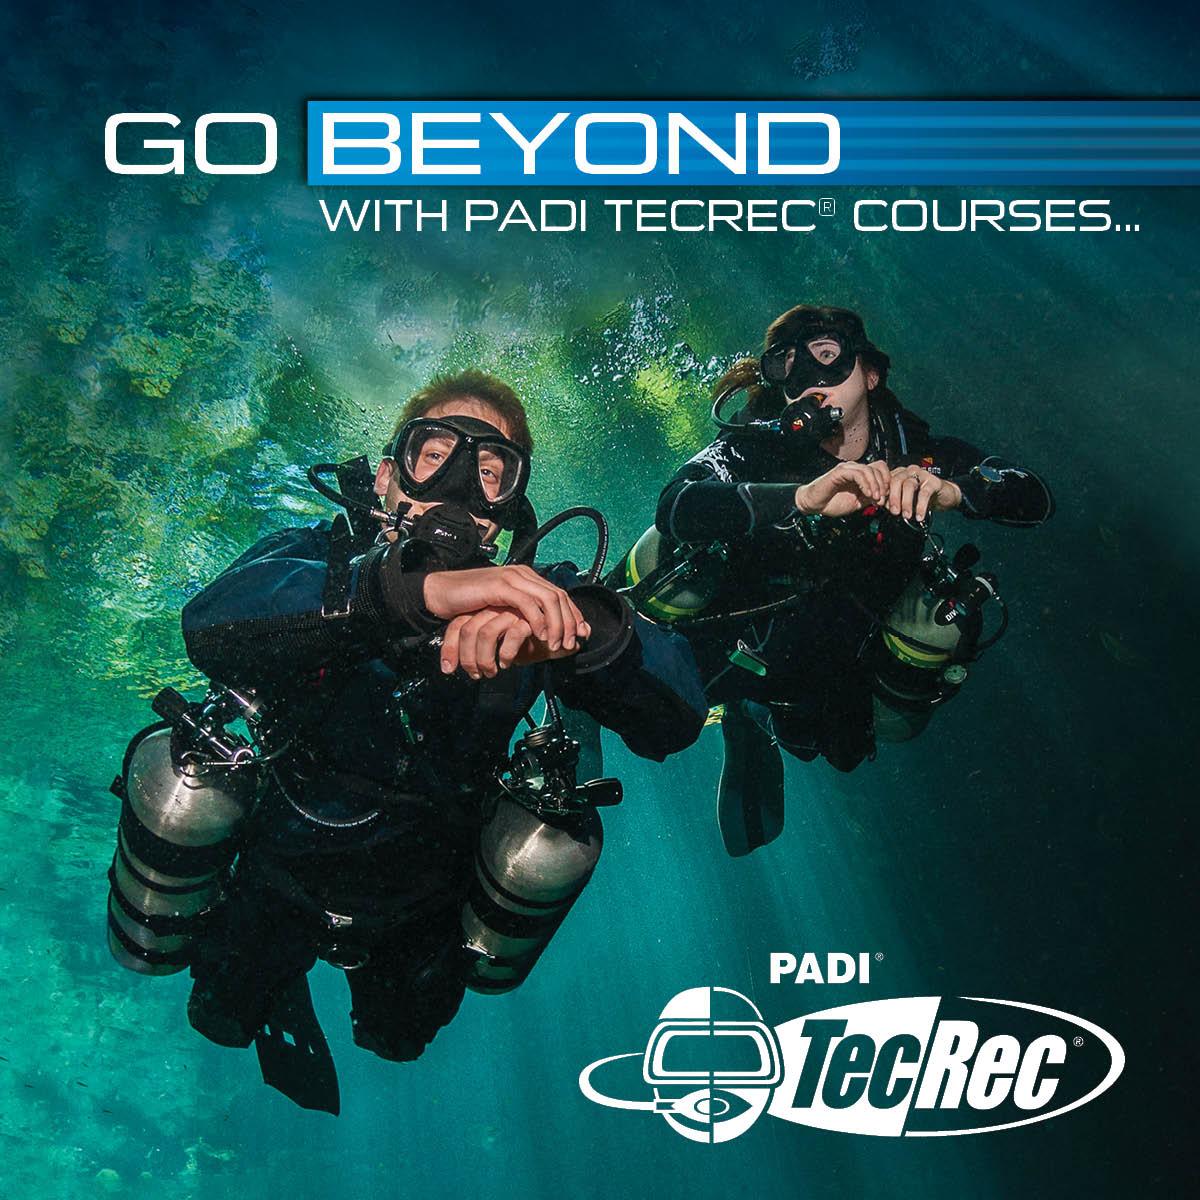 PADI Tec/Rec Courses